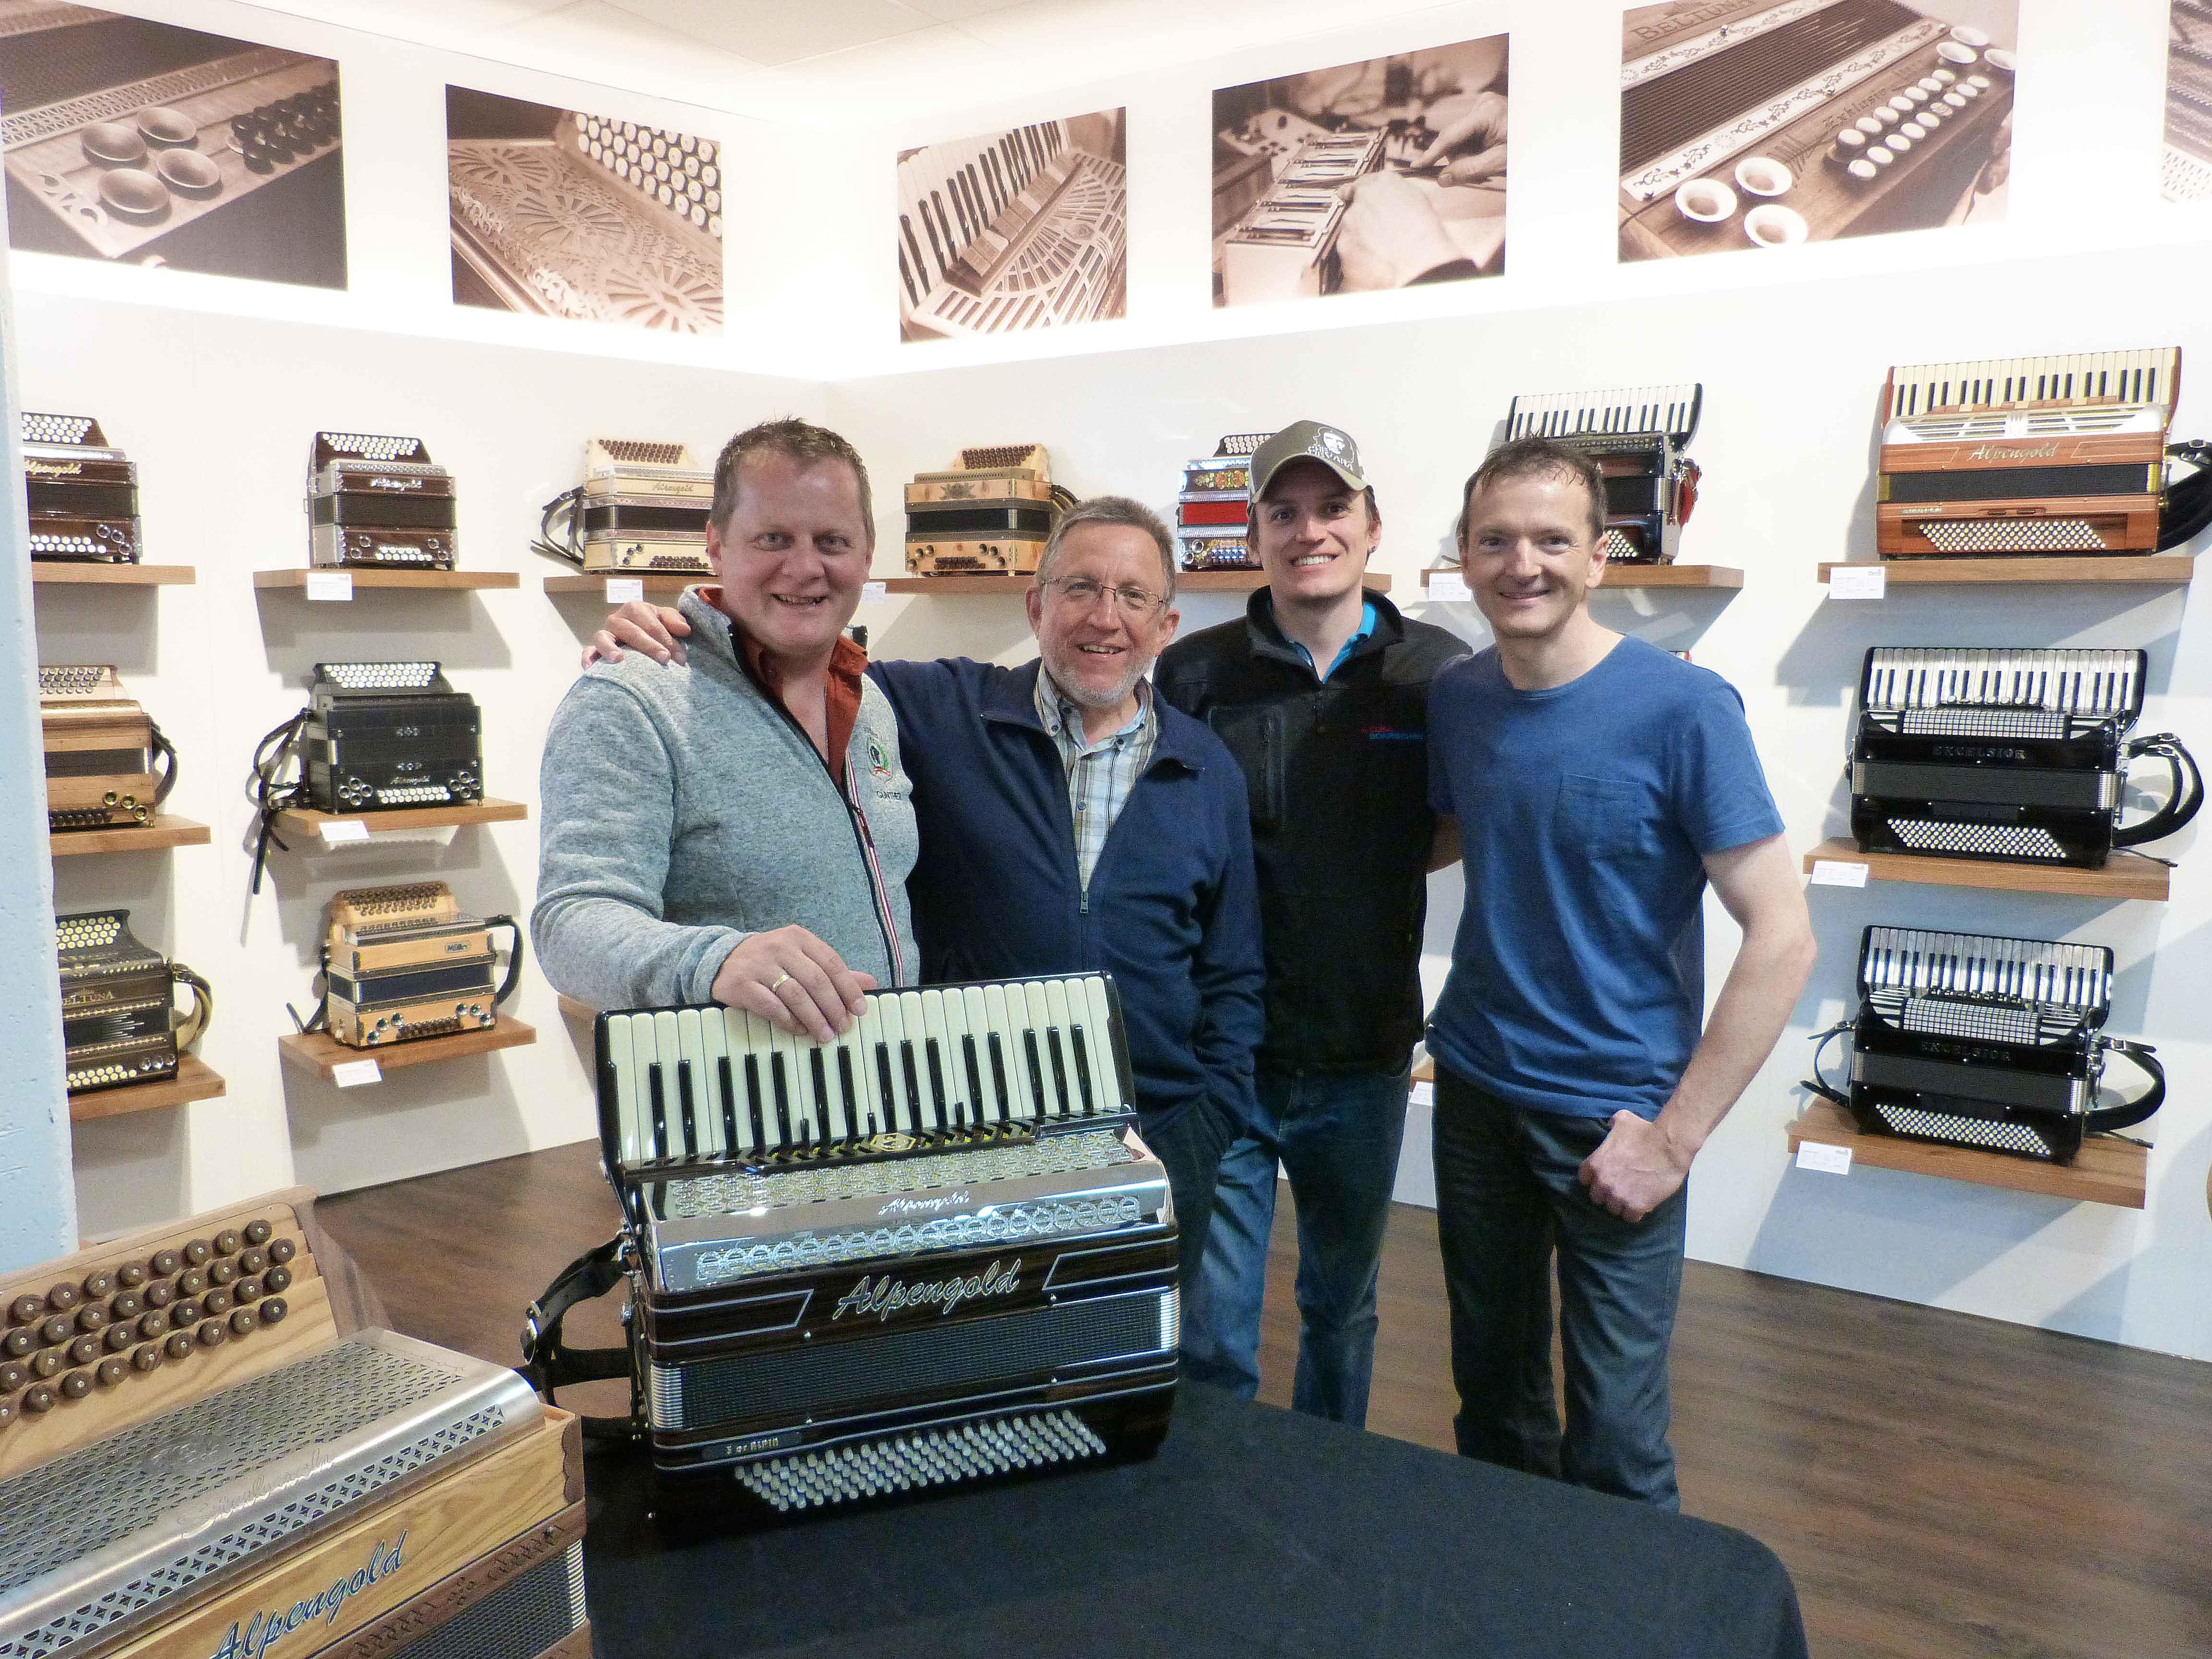 Günther Lerch (Alpengold Harmonikas), Hubert und Leonhard Meixner (Die Cubaboarischen) und Peter Rumberger